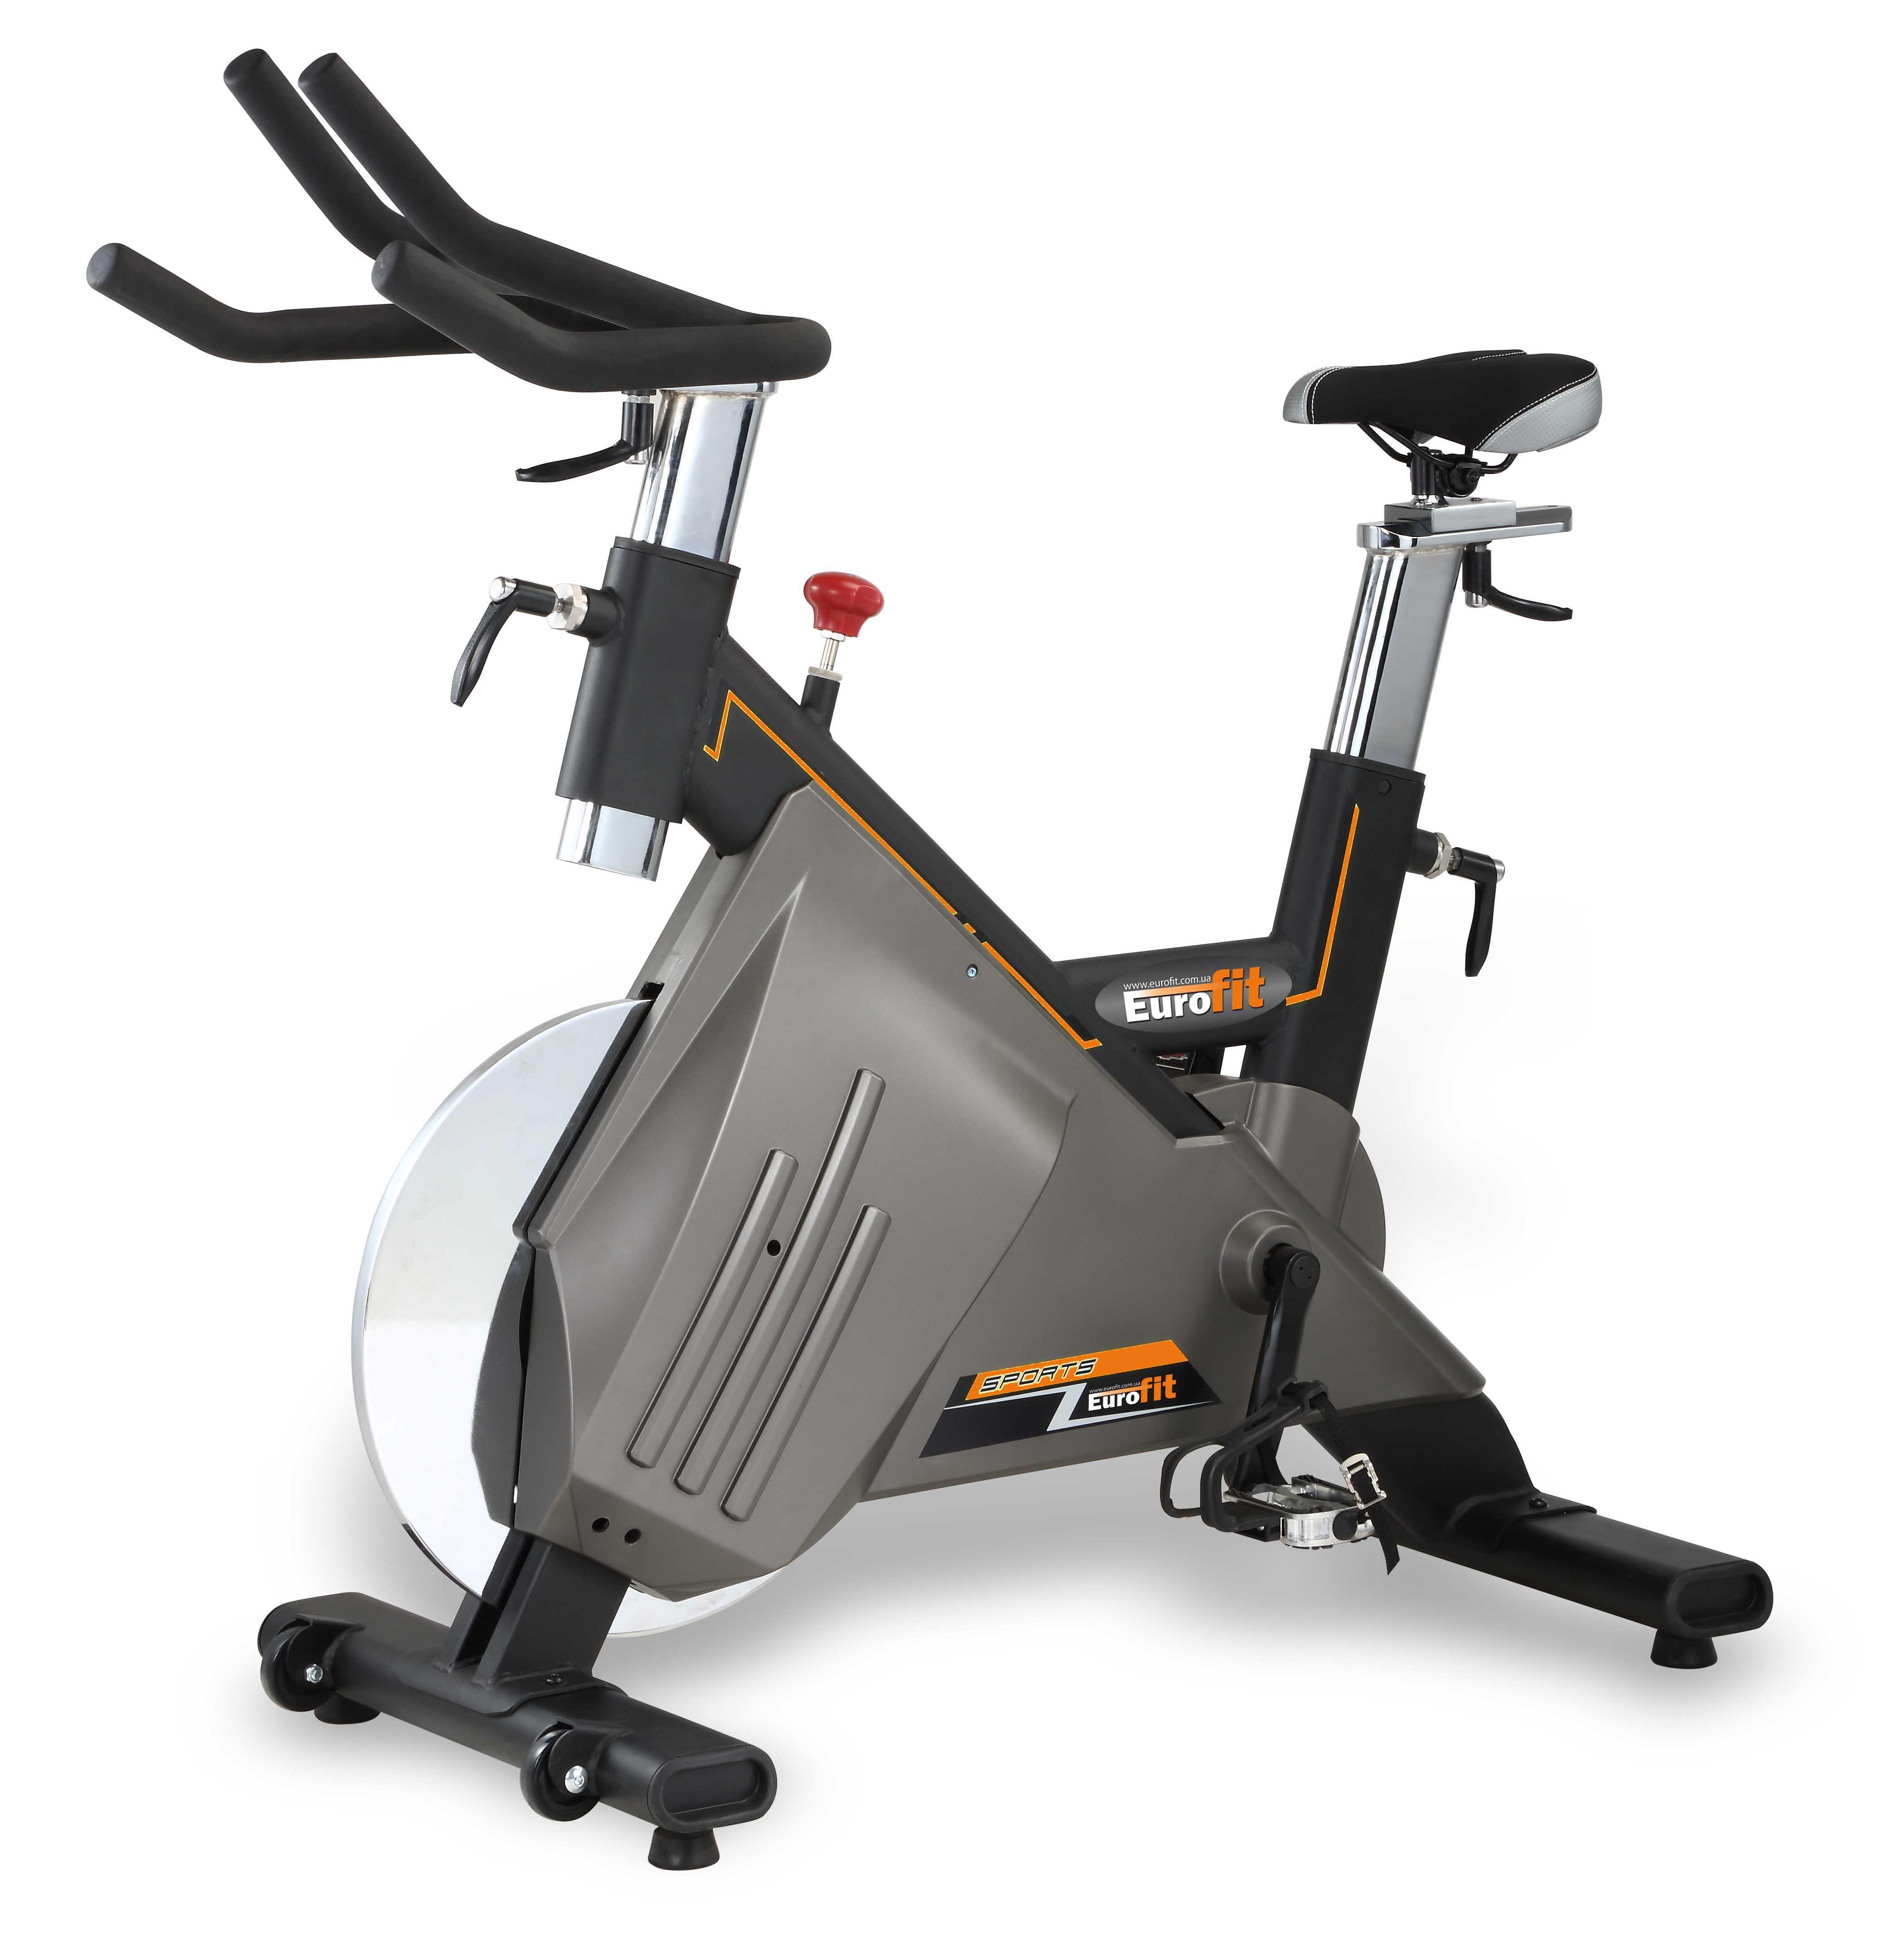 Сайклы (велосипеды для групповых занятий): Спин-байк Eurofit 8605